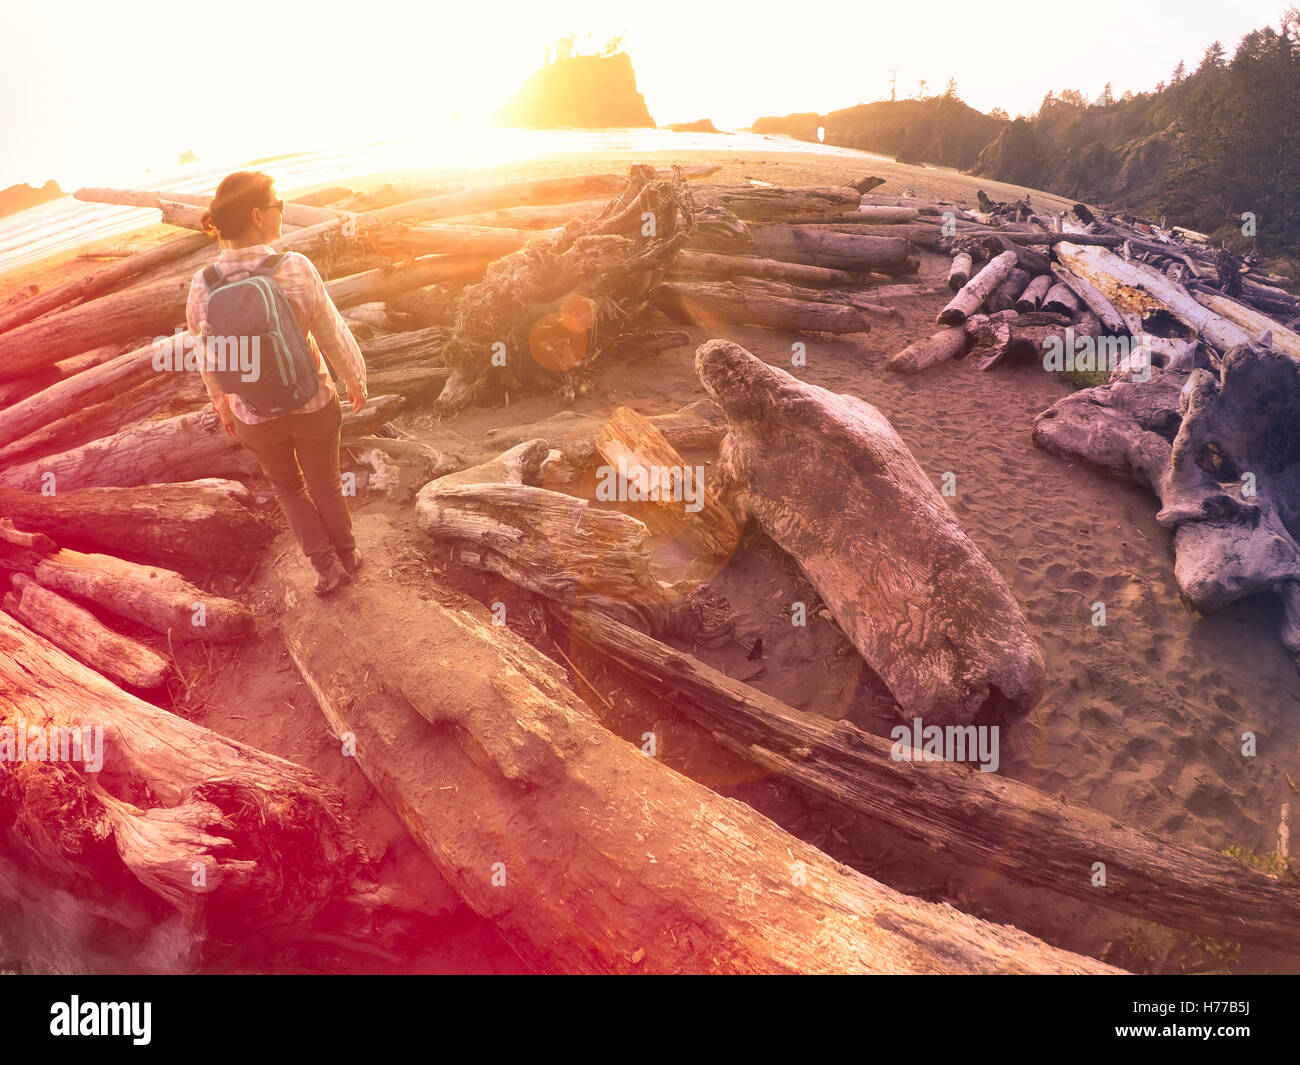 Femme debout sur un journal, sur la plage, la peluche, Washington, l'Amérique, USA Photo Stock